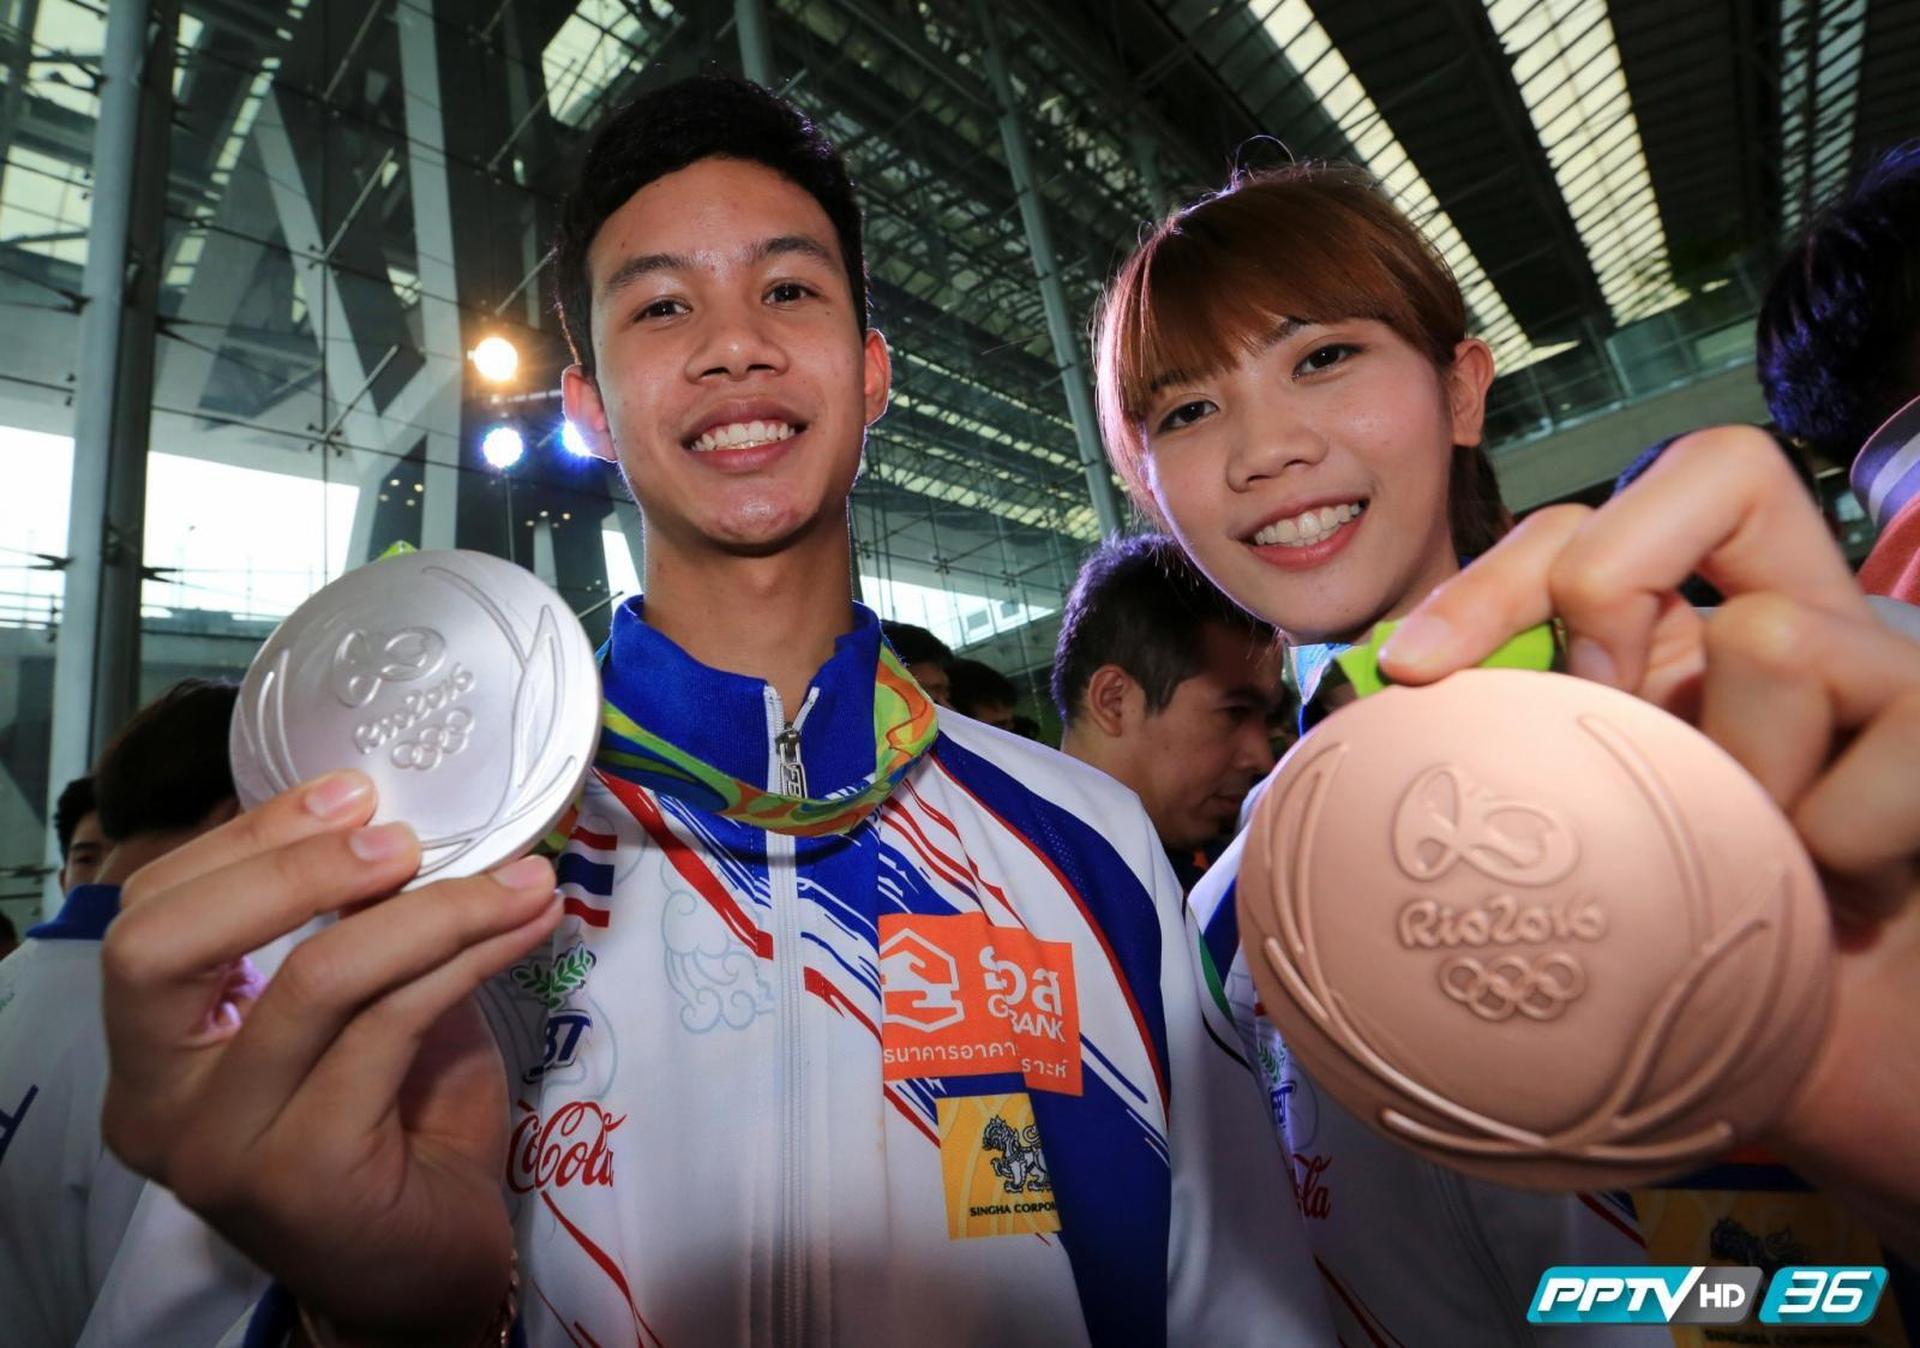 """นักกีฬาเทควันโด ฮีโร่เหรียญเงิน """"เจ้าเทม"""" และฮีโร่เหรียญทองแดง """"เทนนิส"""" กีฬาโอลิมปิก พร้อมทีมงานเดินทางกลับถึงประเทศไทย"""